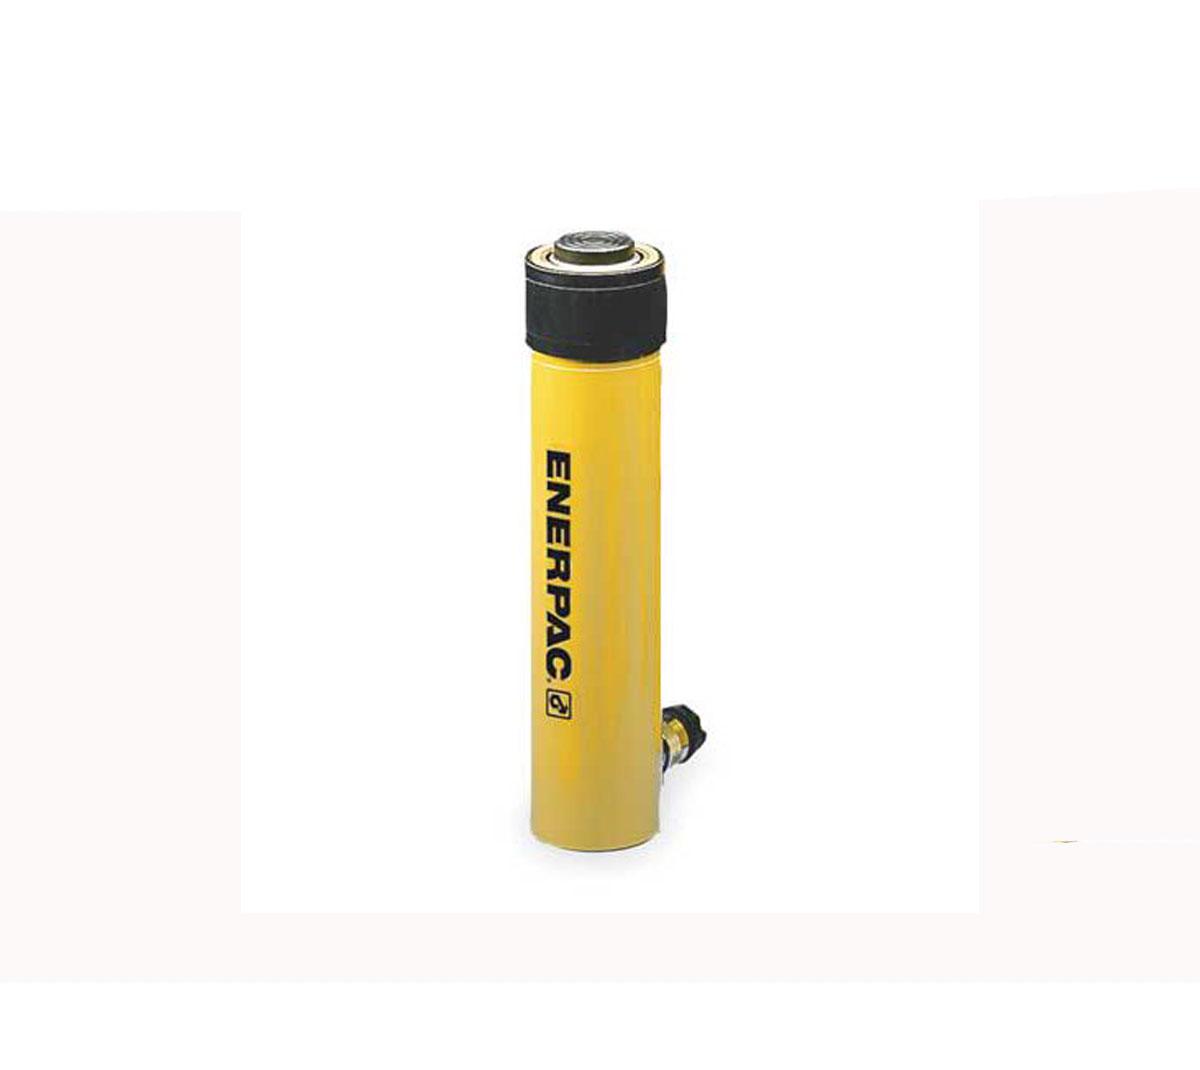 enerpac-rc2512-hydraulic-cylinder-rental